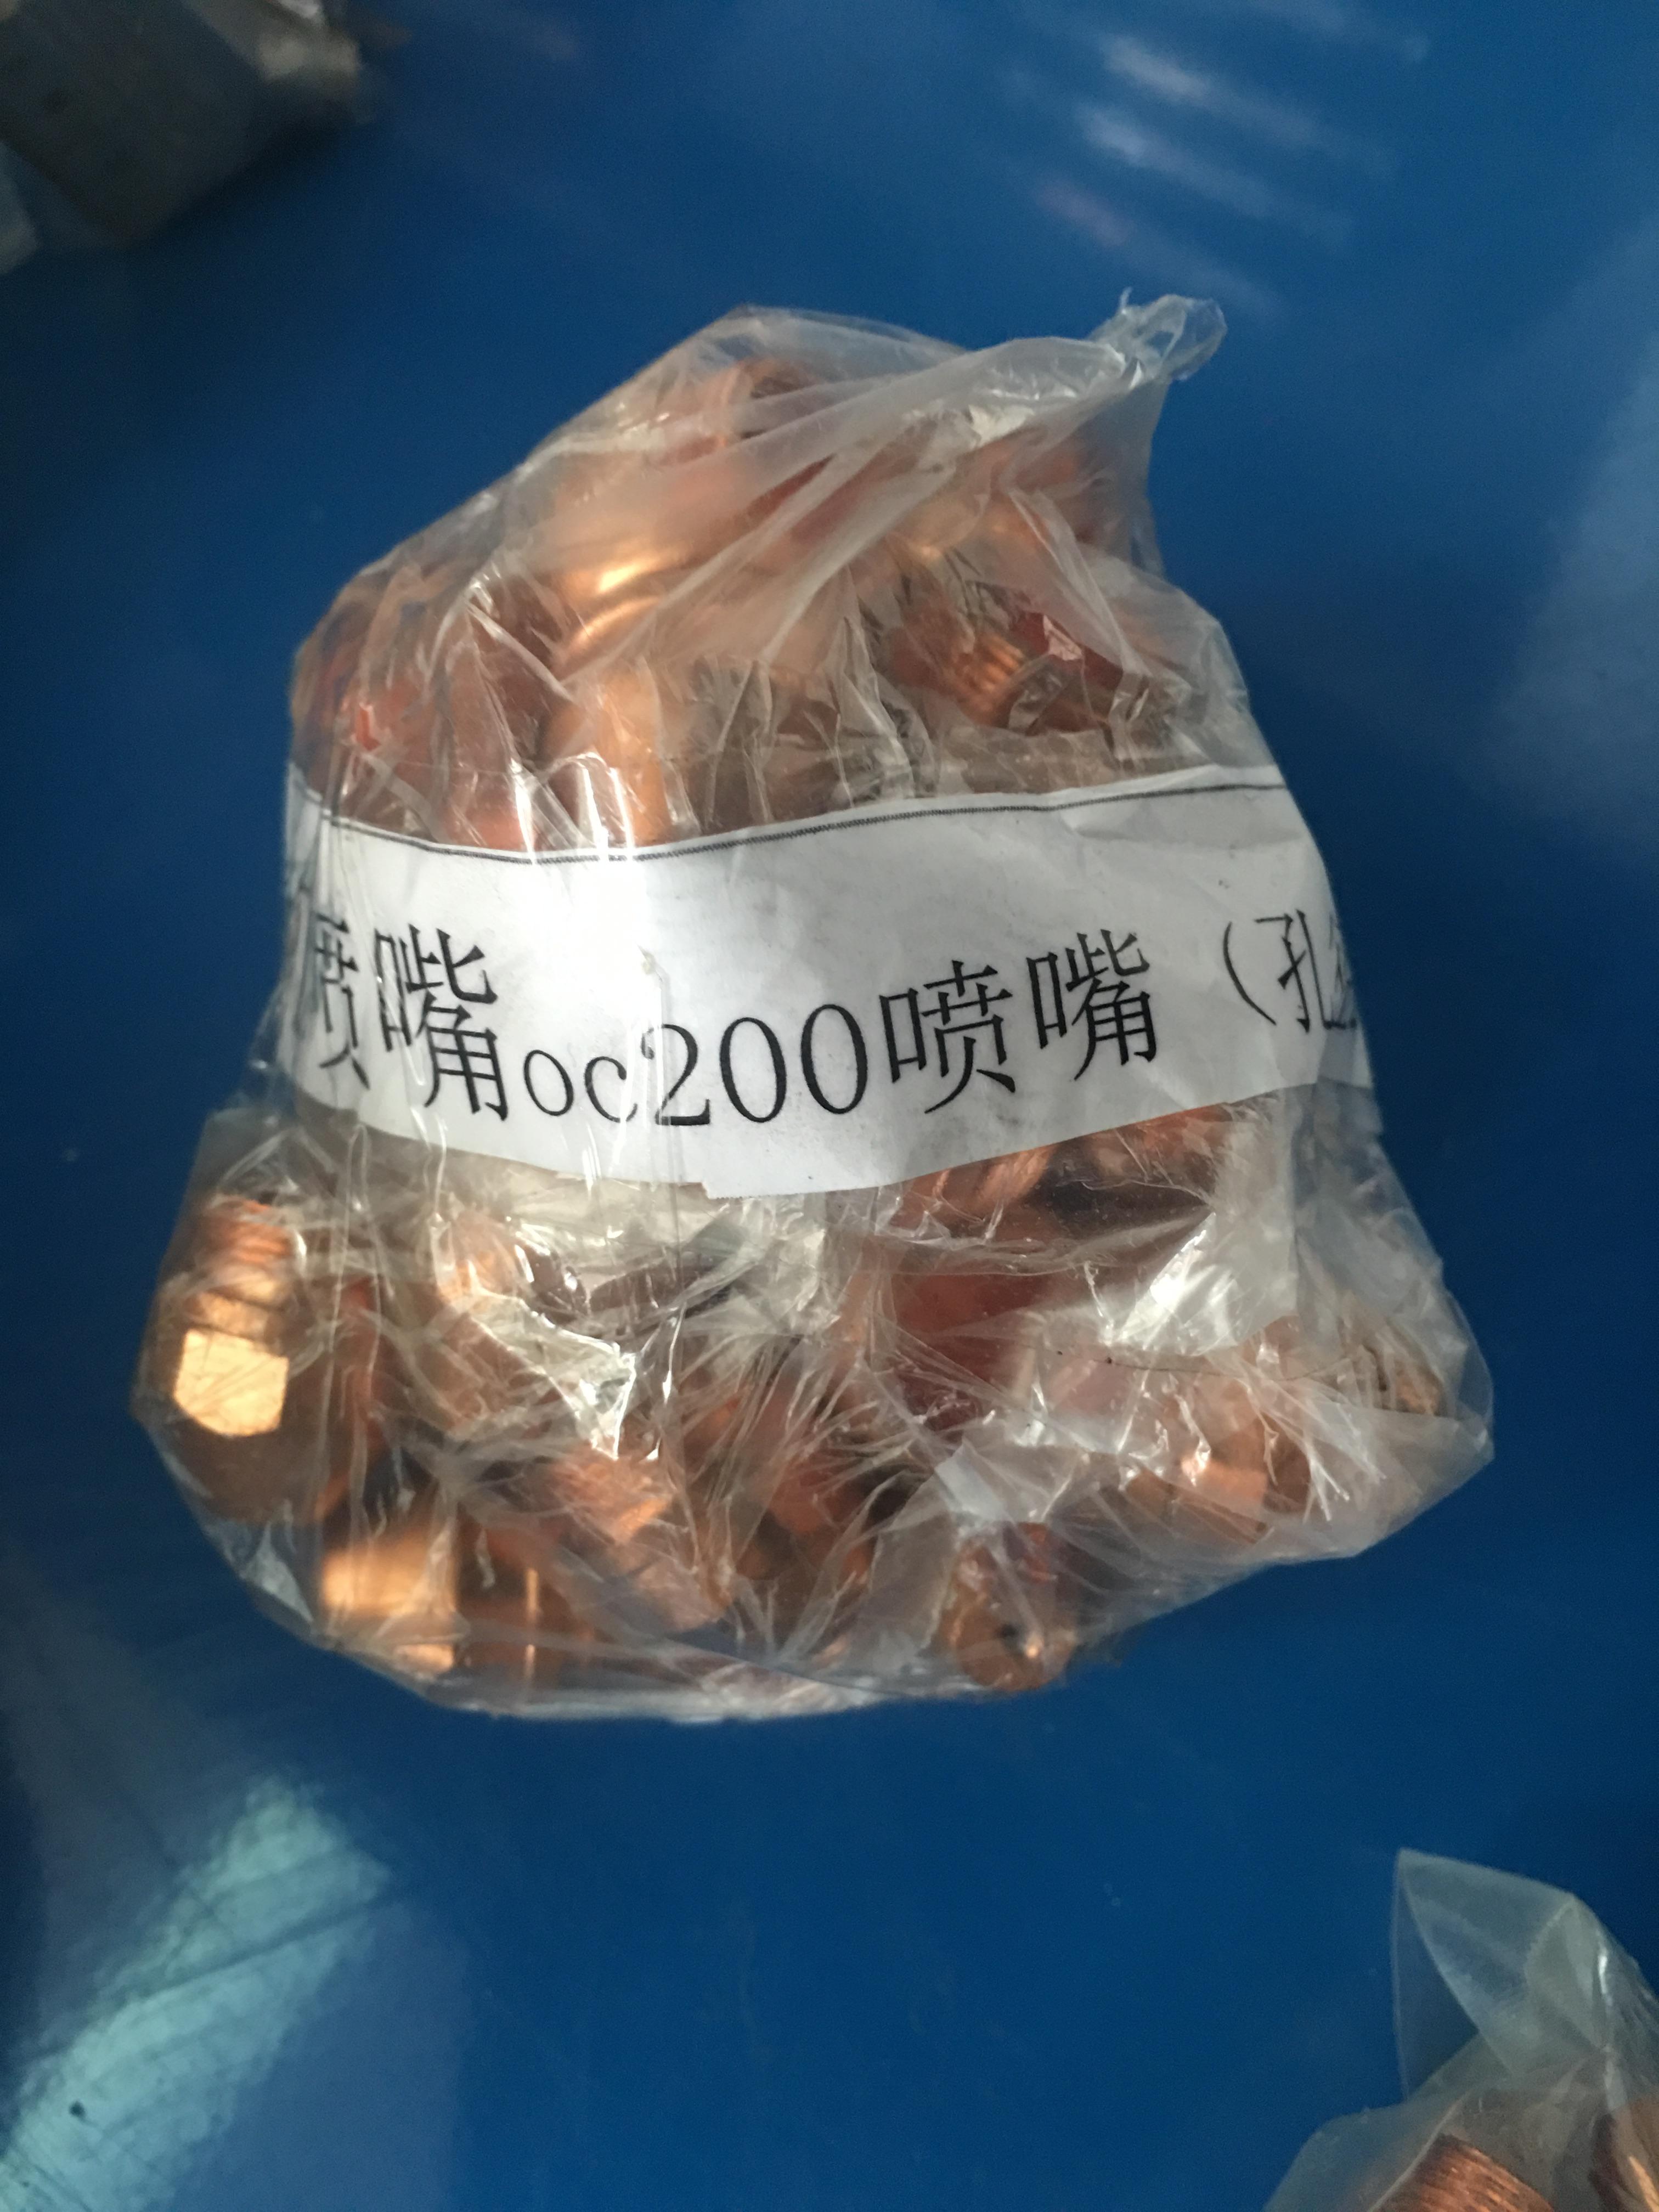 切割机喷嘴oc200喷嘴(孔径2.0mm)